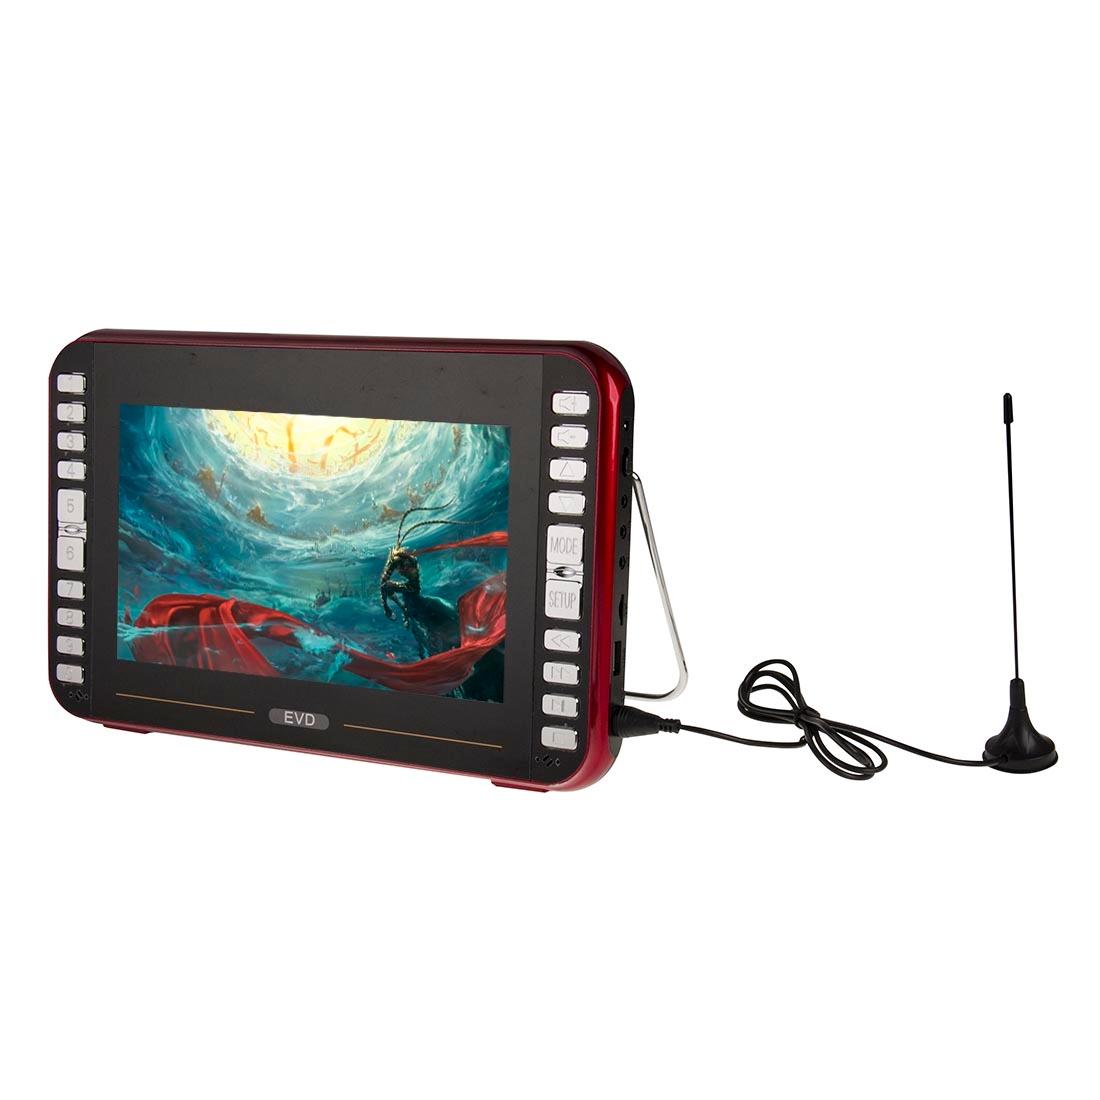 RMVB RMVB EVD9 NS-KD97, TV s DVB-T, 9,8 palcový TFT LCD displej Digitální multimediální přenosný televizor a DVD přehrávač s držákem, podpora USB, TF karta, funkce AV, ČERVENÁ